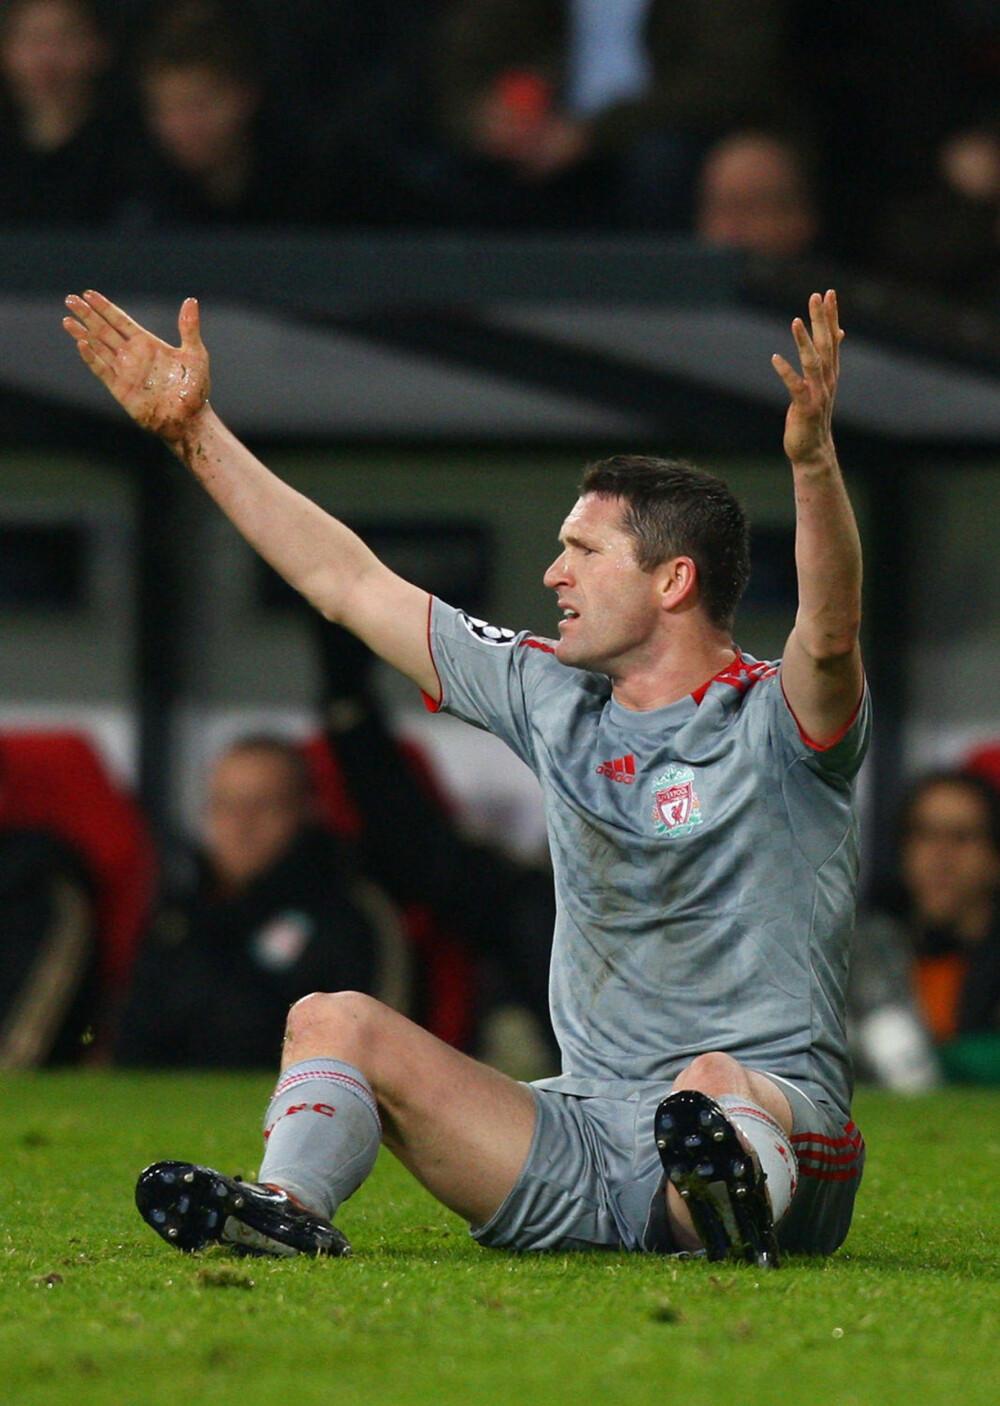 <b>GIKK IKKE VEIEN:</b> Etter å ha hamret inn mål for Tottenham, gikk turen til Liverpool for Keane. Det gikk ikke så bra som han hadde håpet.